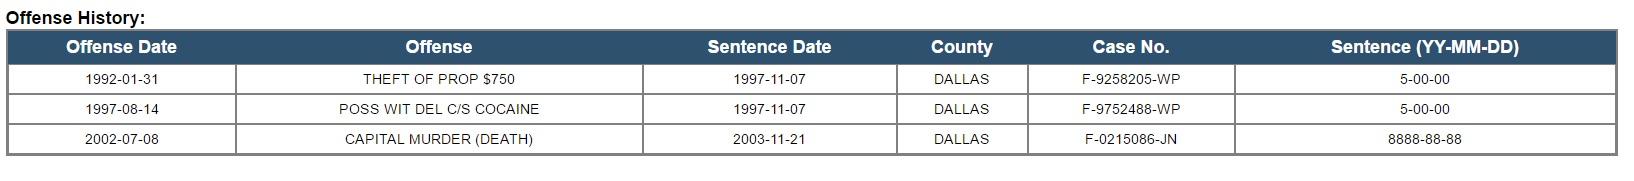 Tdcj inmate release date information in Sydney